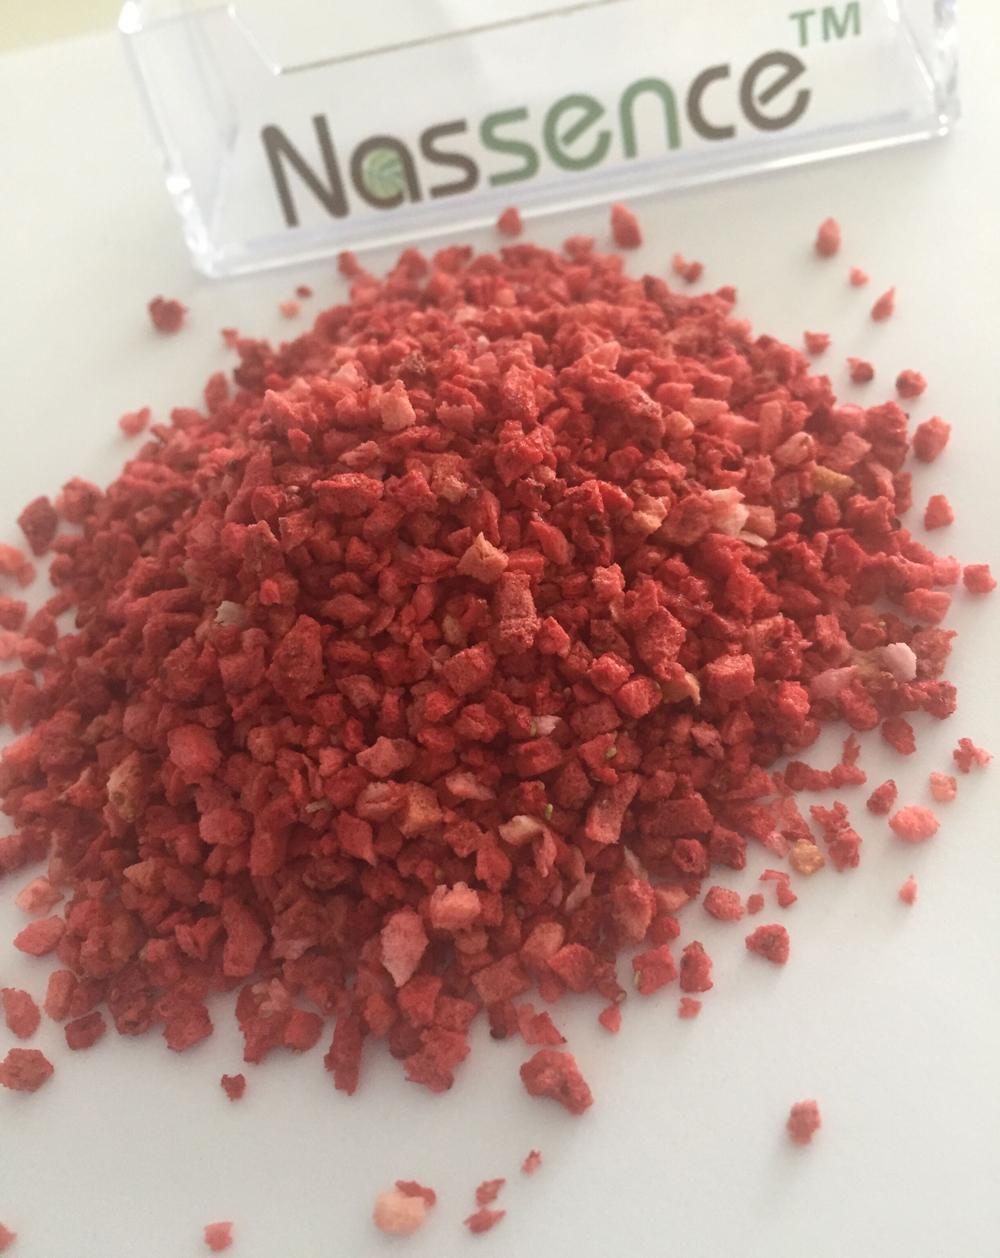 Frozen Dried Fruit-Frozen Dried Strawberry Krispies 1-3mm